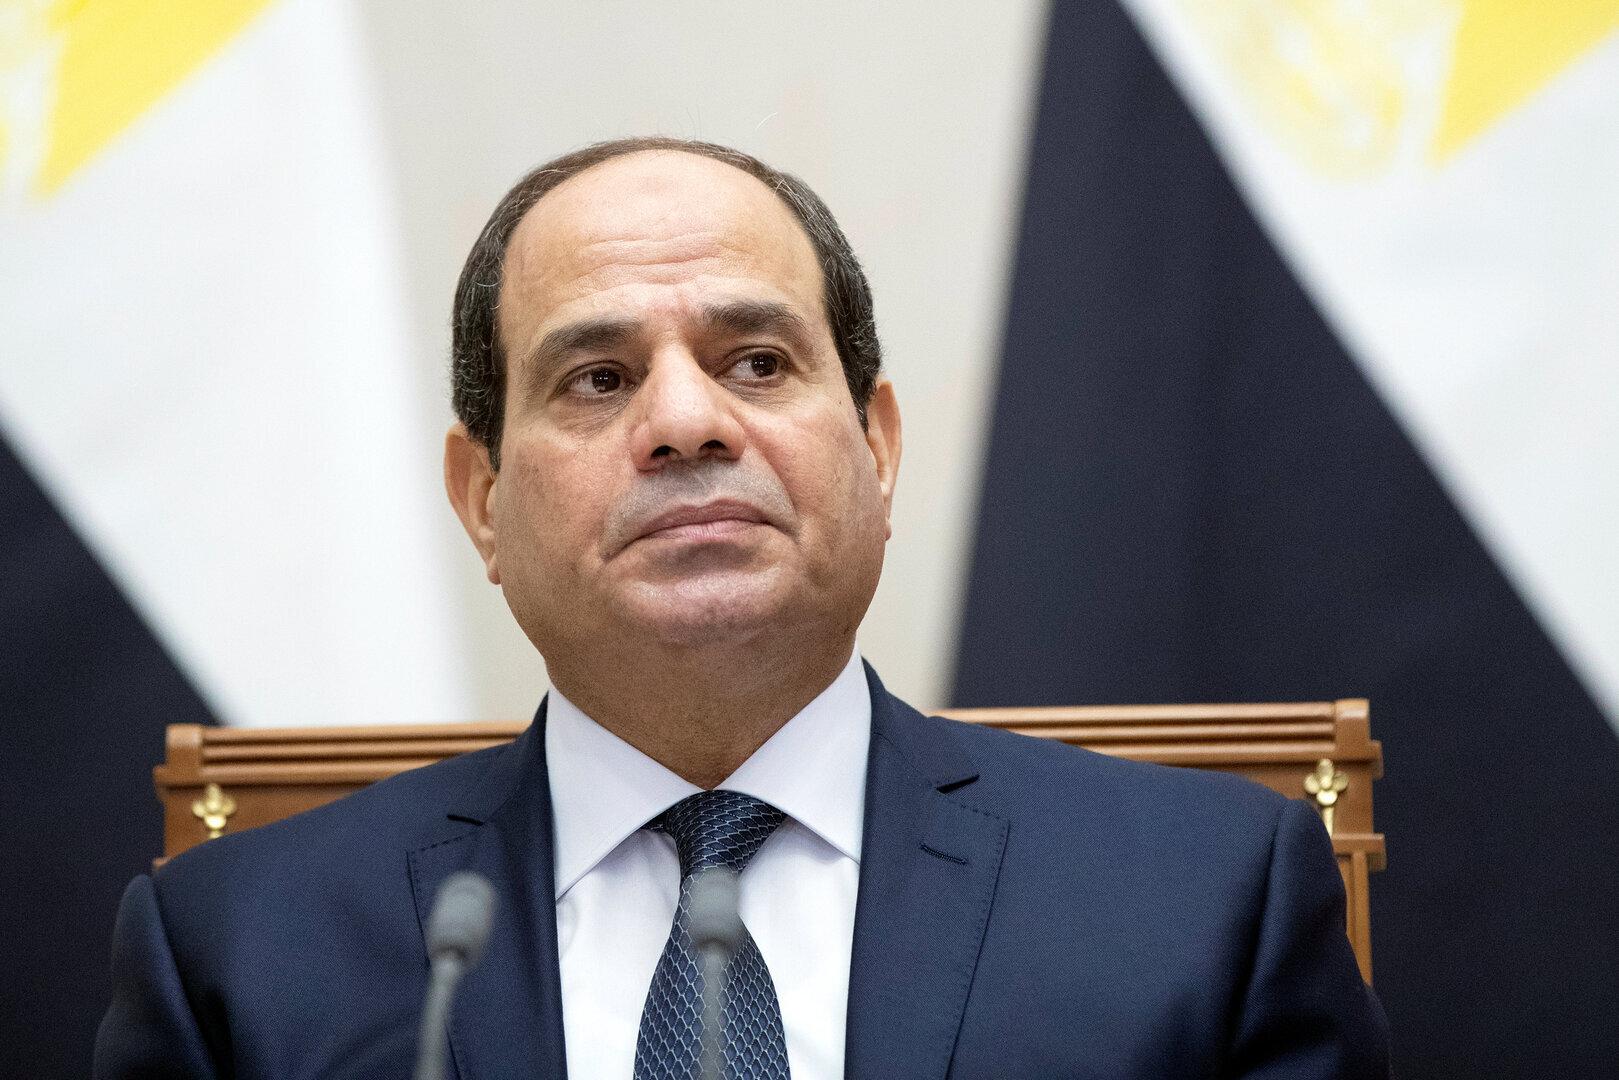 زيادة أسعار رغيف الخبز في مصر.. الأبعاد والآثار المتوقعة والبدائل